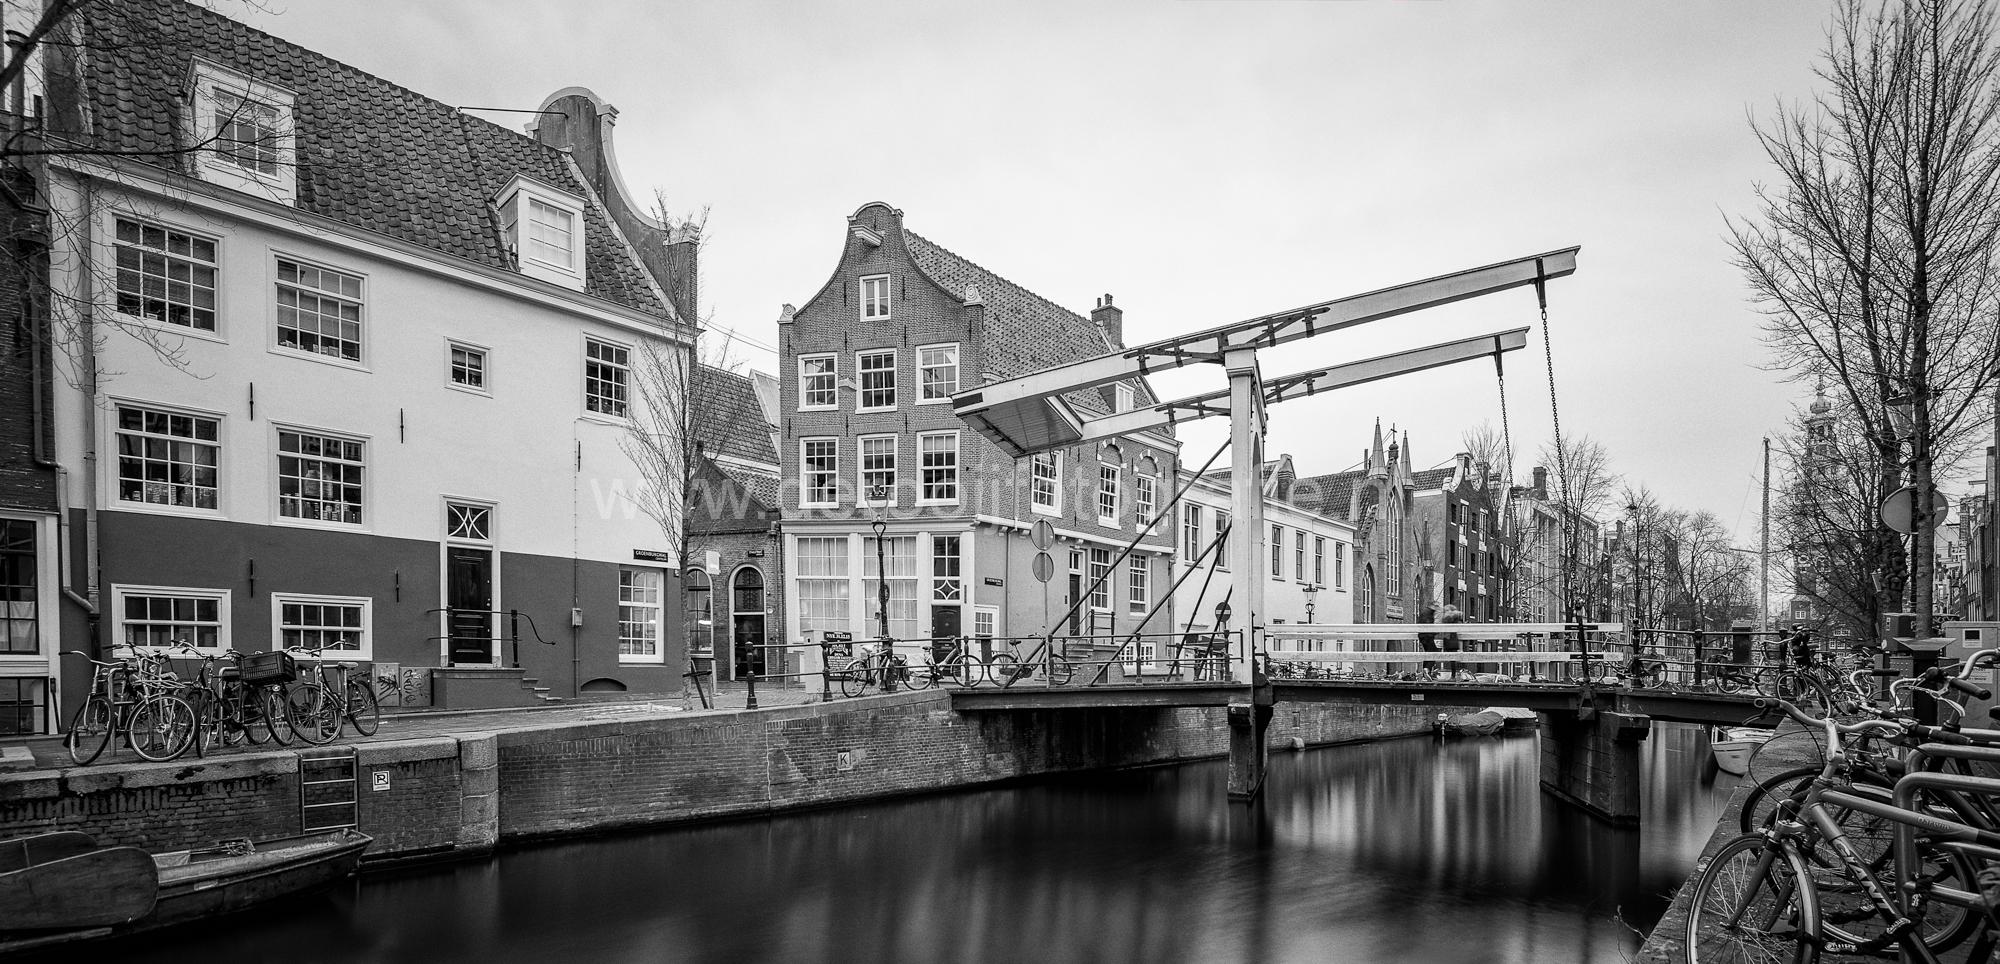 Magnifiek Foto Licenties Amsterdam - De Rooij Fotografie @XG19